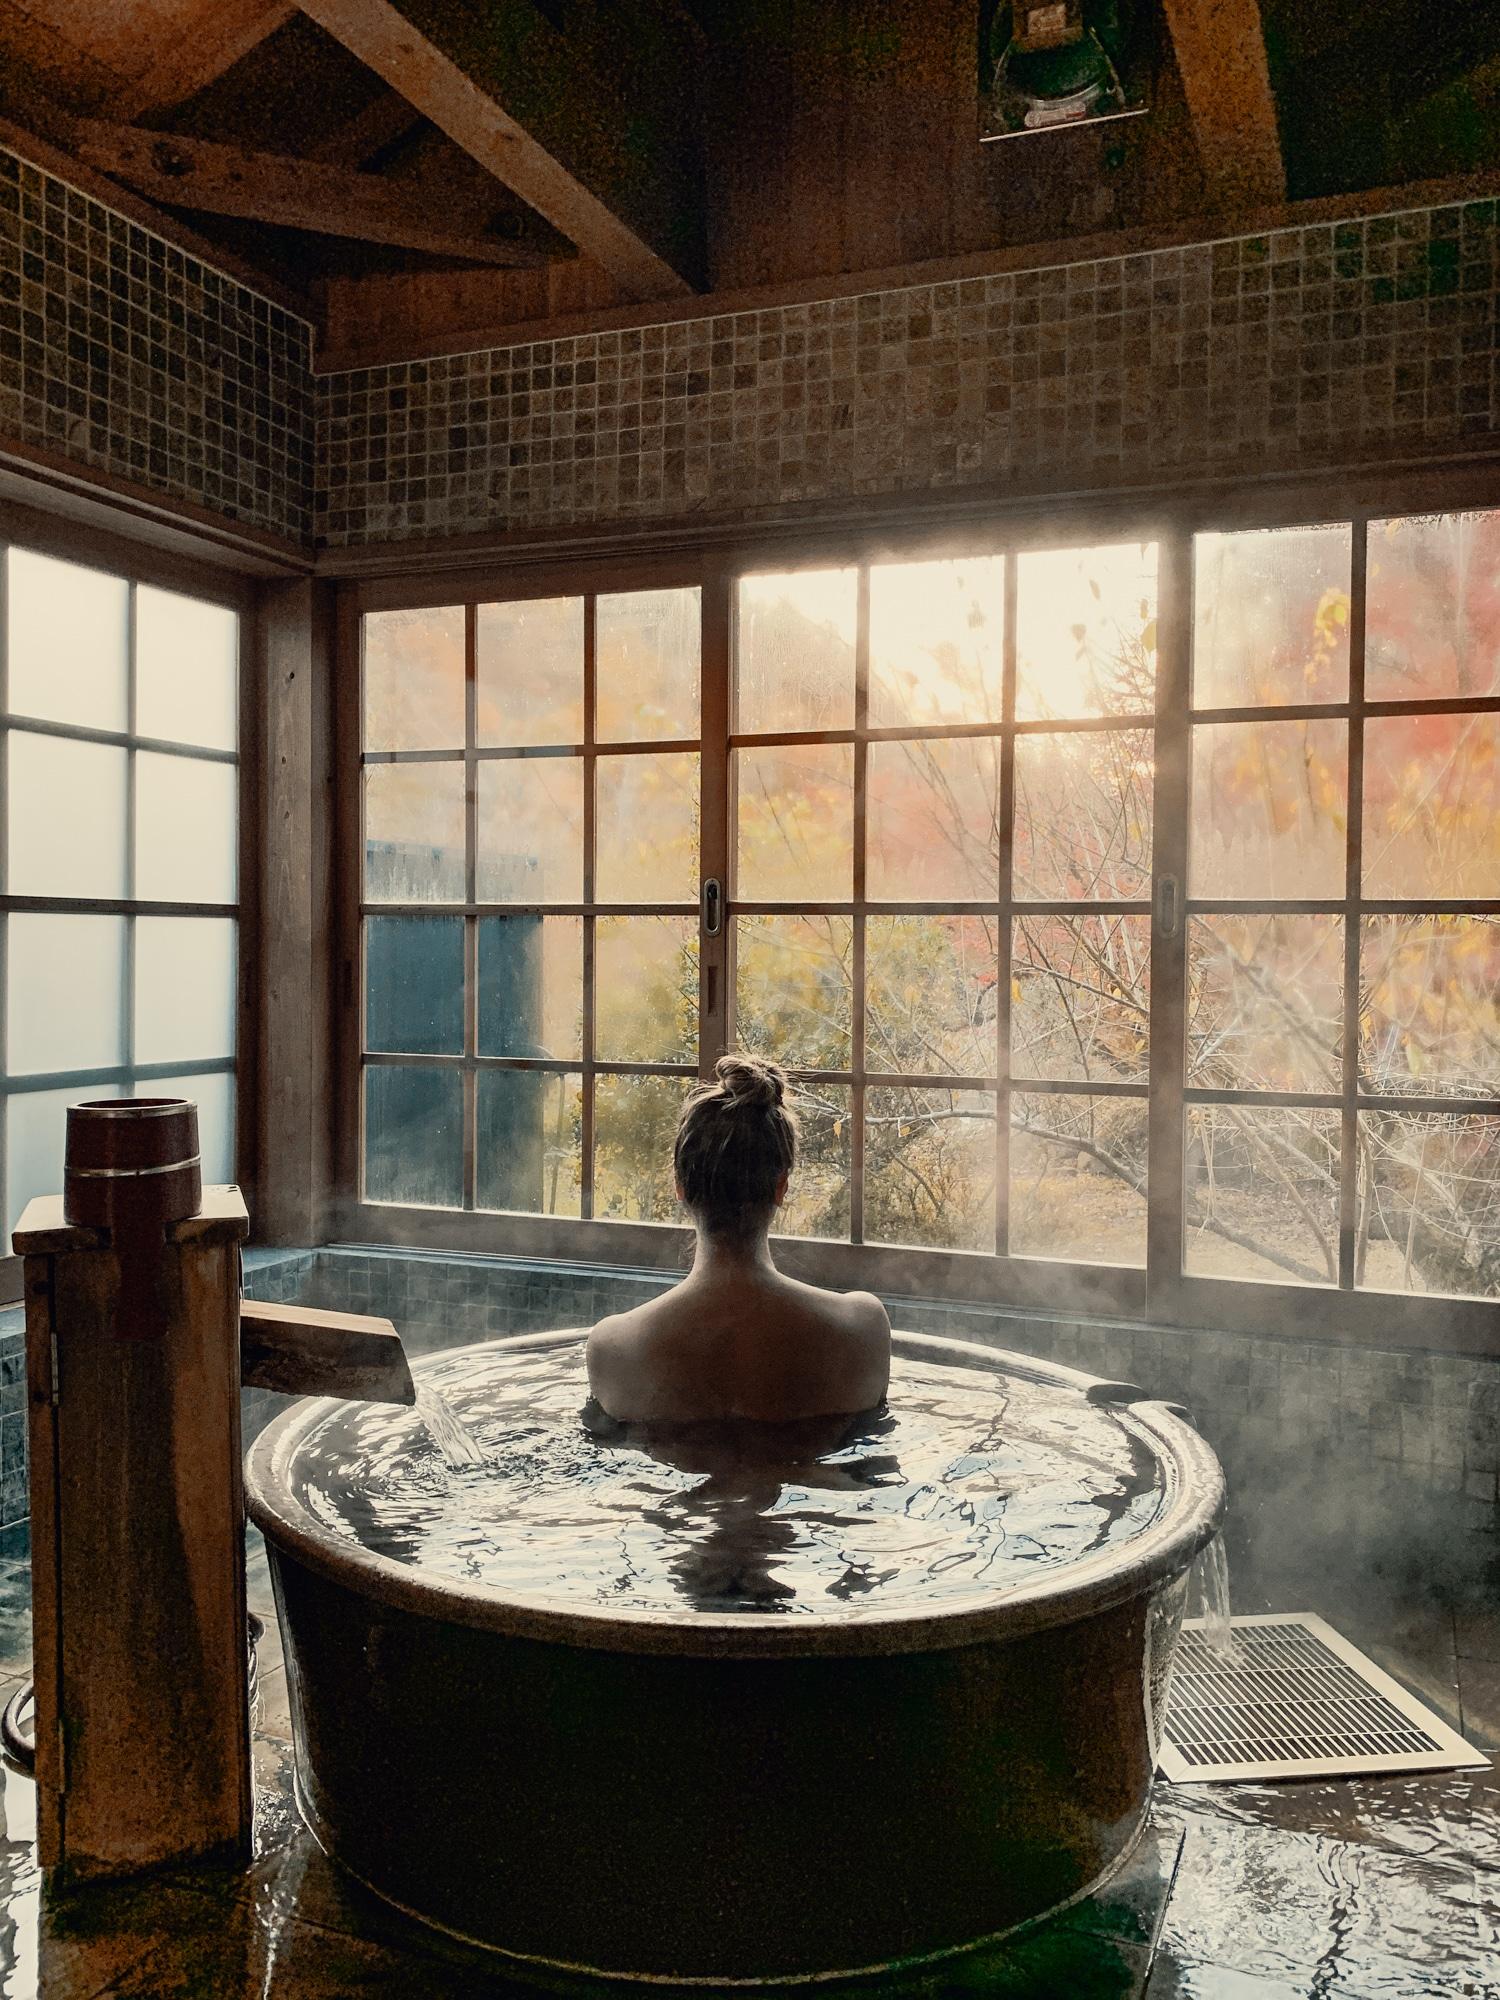 Kyushu Rundreise: Reisetipps, Onsen und Highlights in Japans Süden - Miyama Sanso Hotel